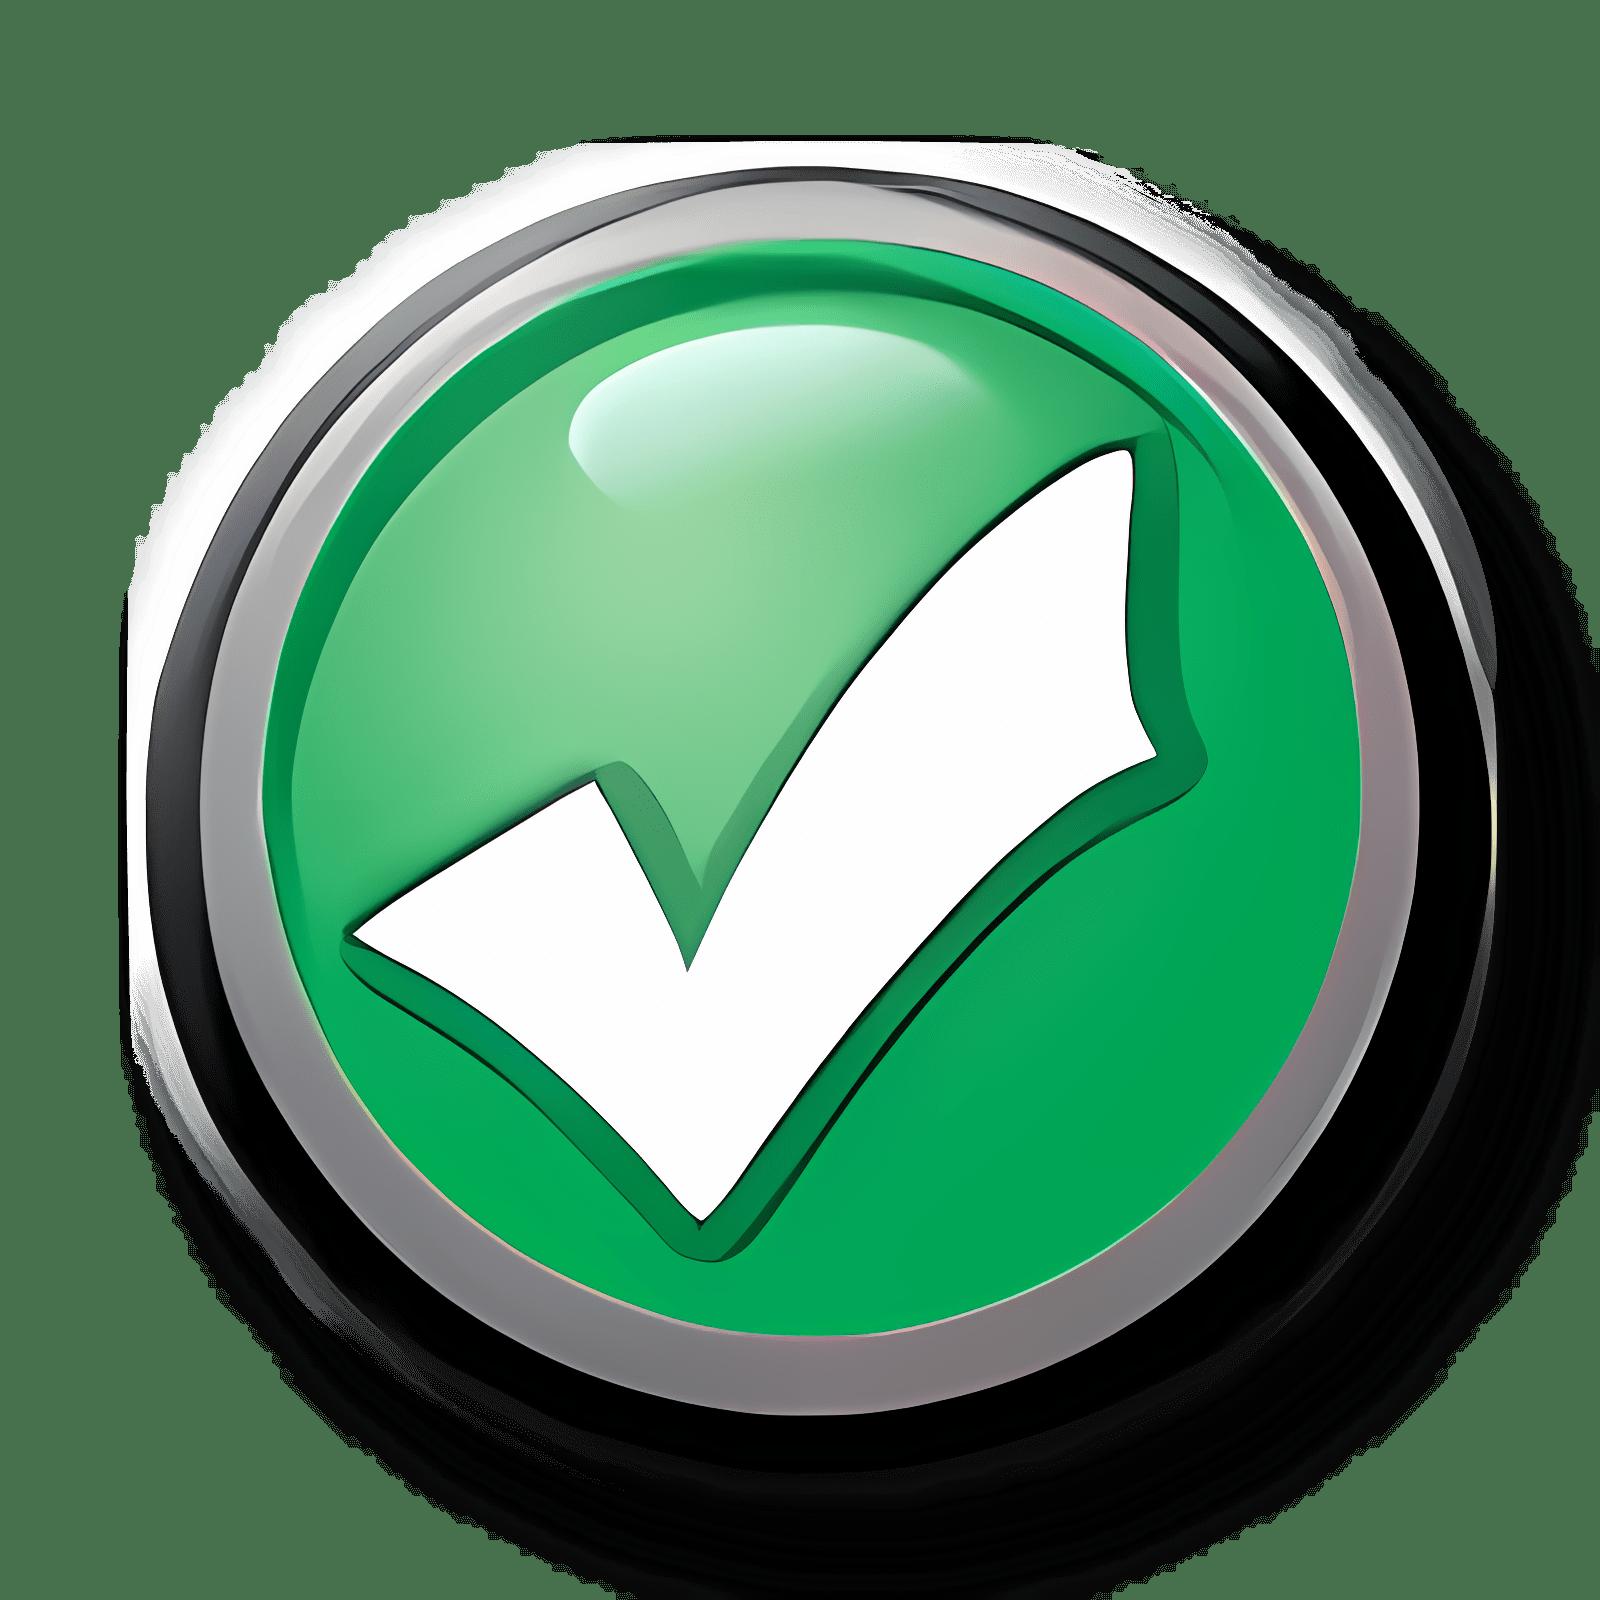 McAfee SiteAdvisor 3.4.0